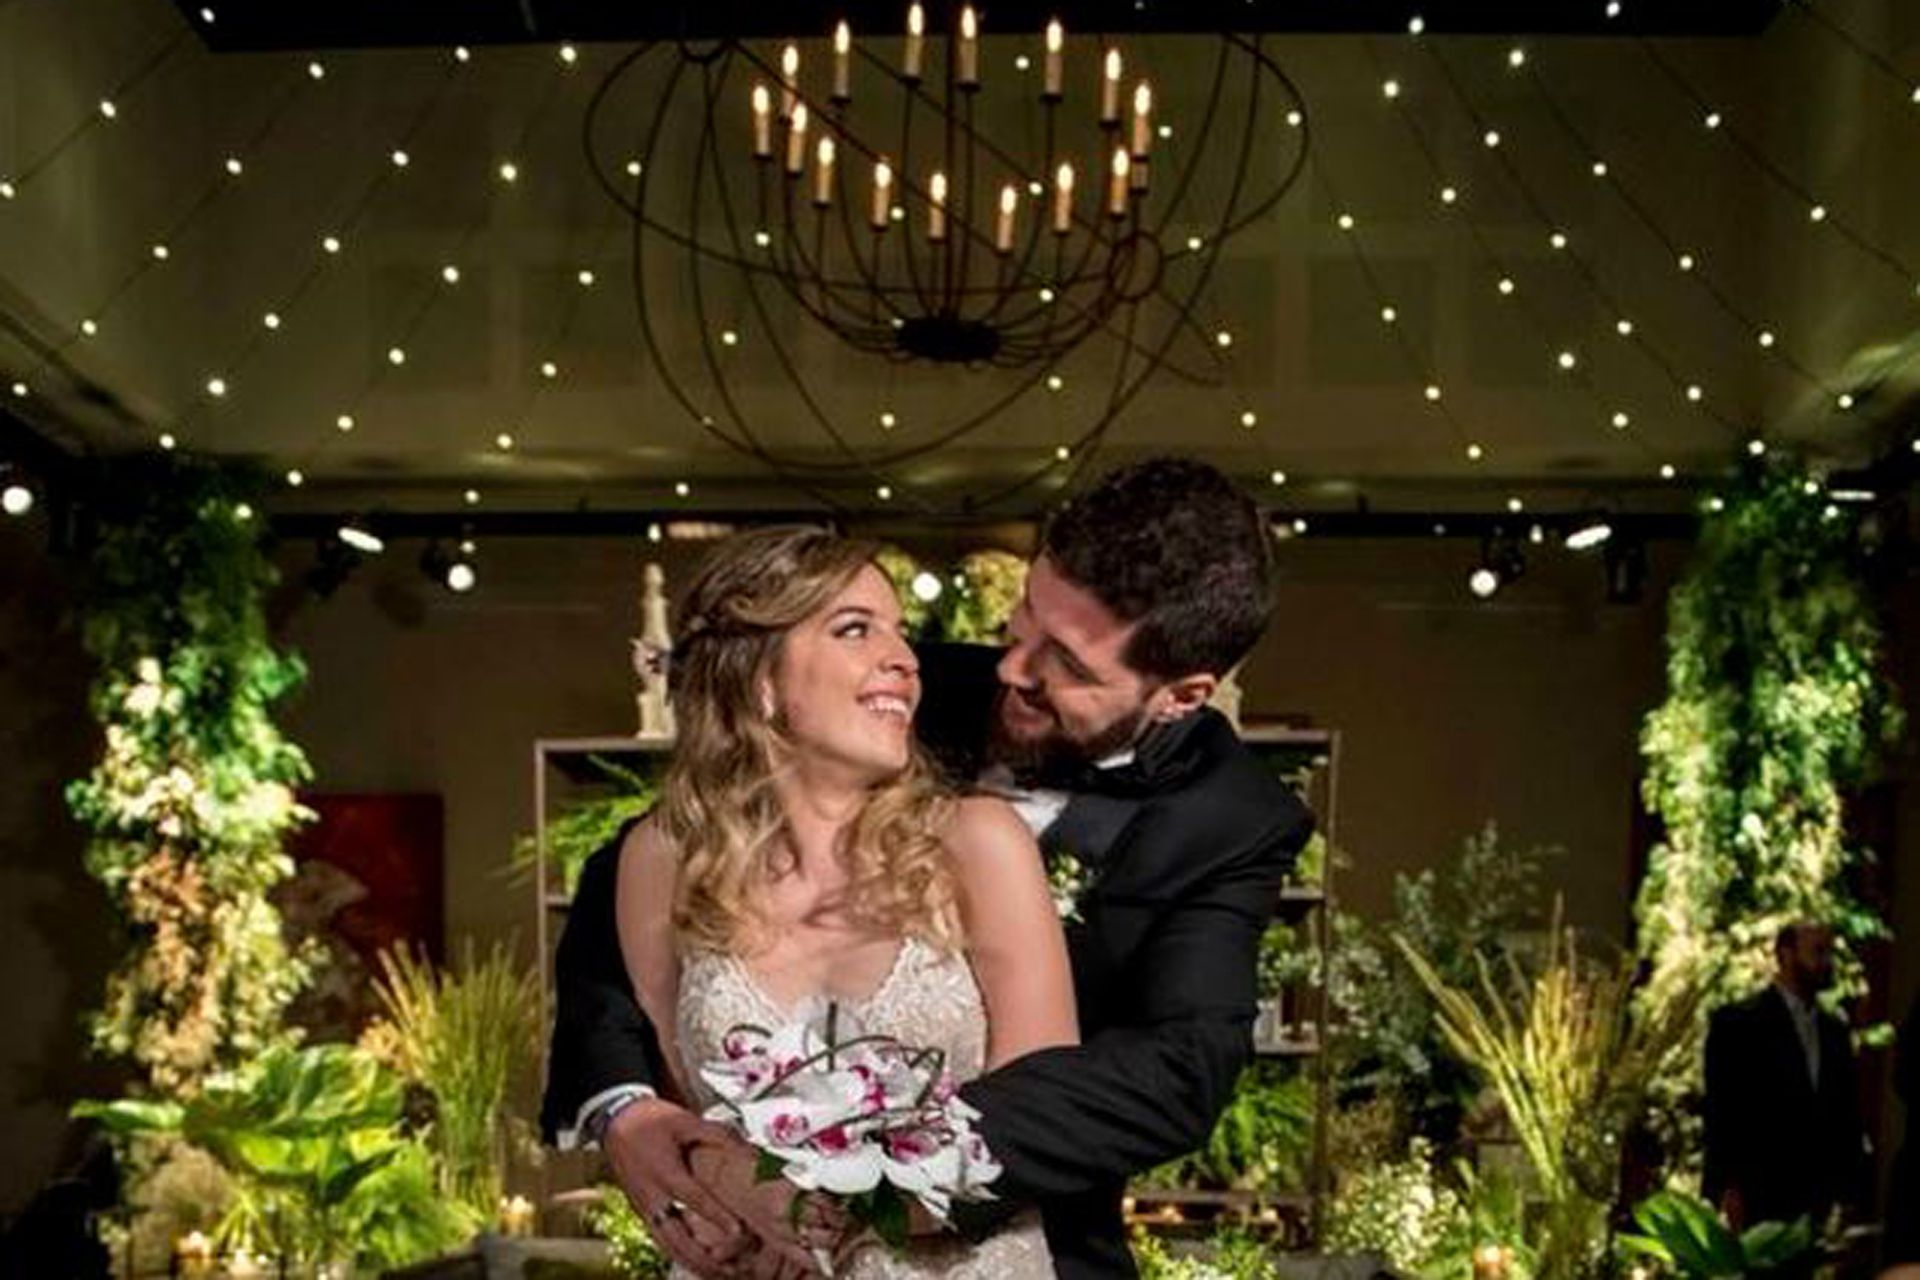 2018. Dalma Maradona y Andrés Caldarelli en su fiesta de bodas. Un año después nacería Roma, la primera hija del a pareja